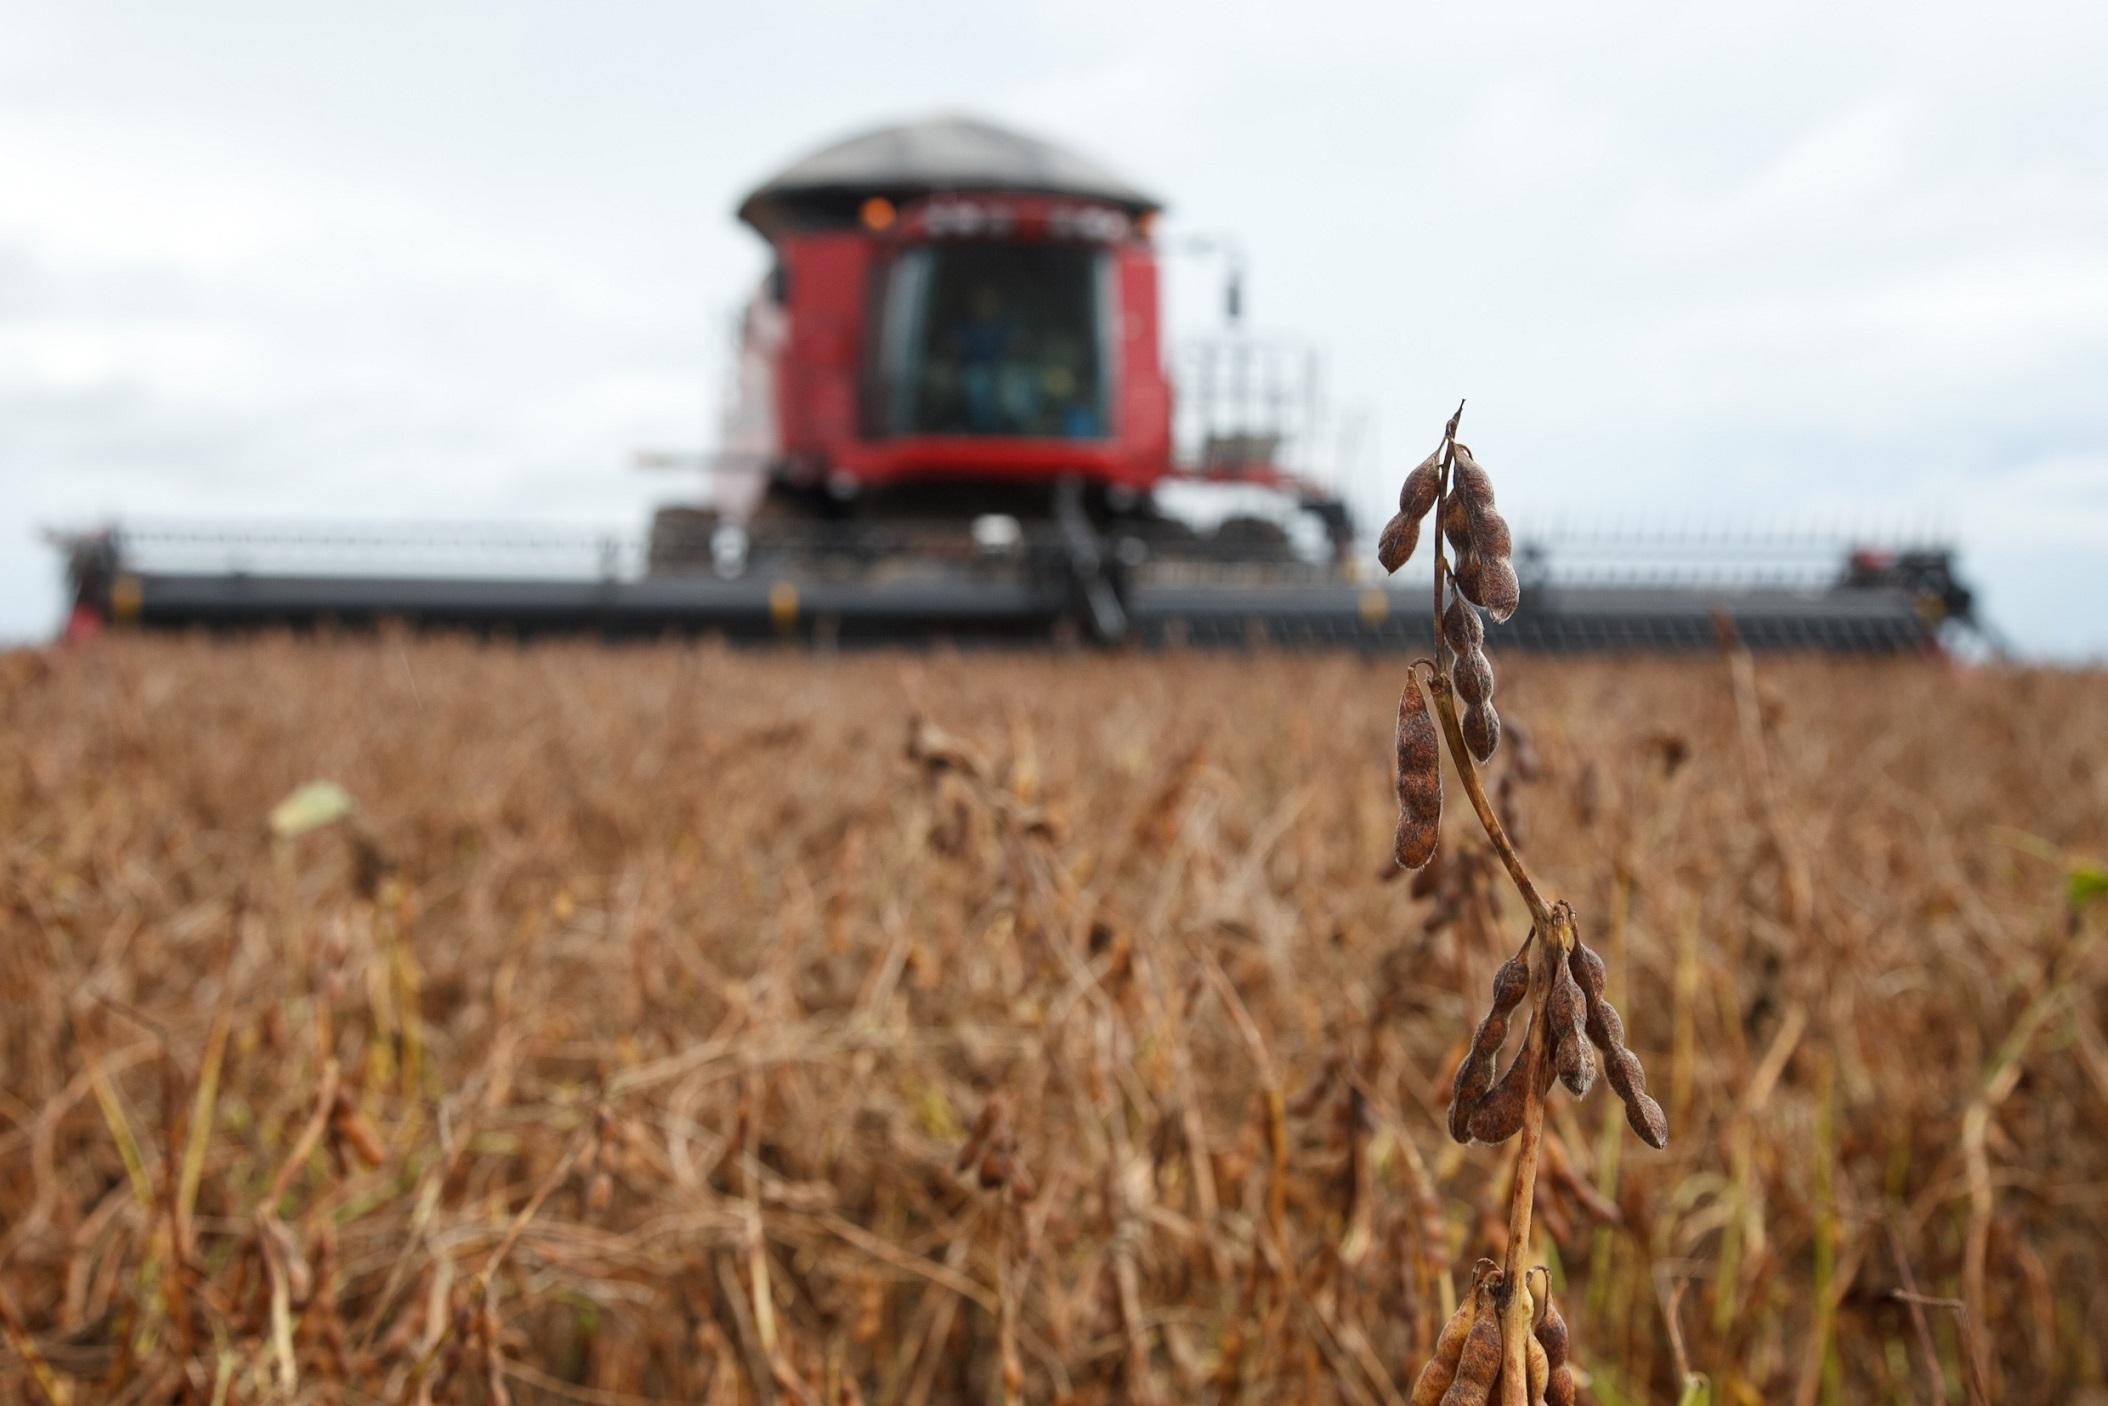 Agricultores estão atentos à adaptabilidade da soja ao clima de suas regiões para aumentar resultados